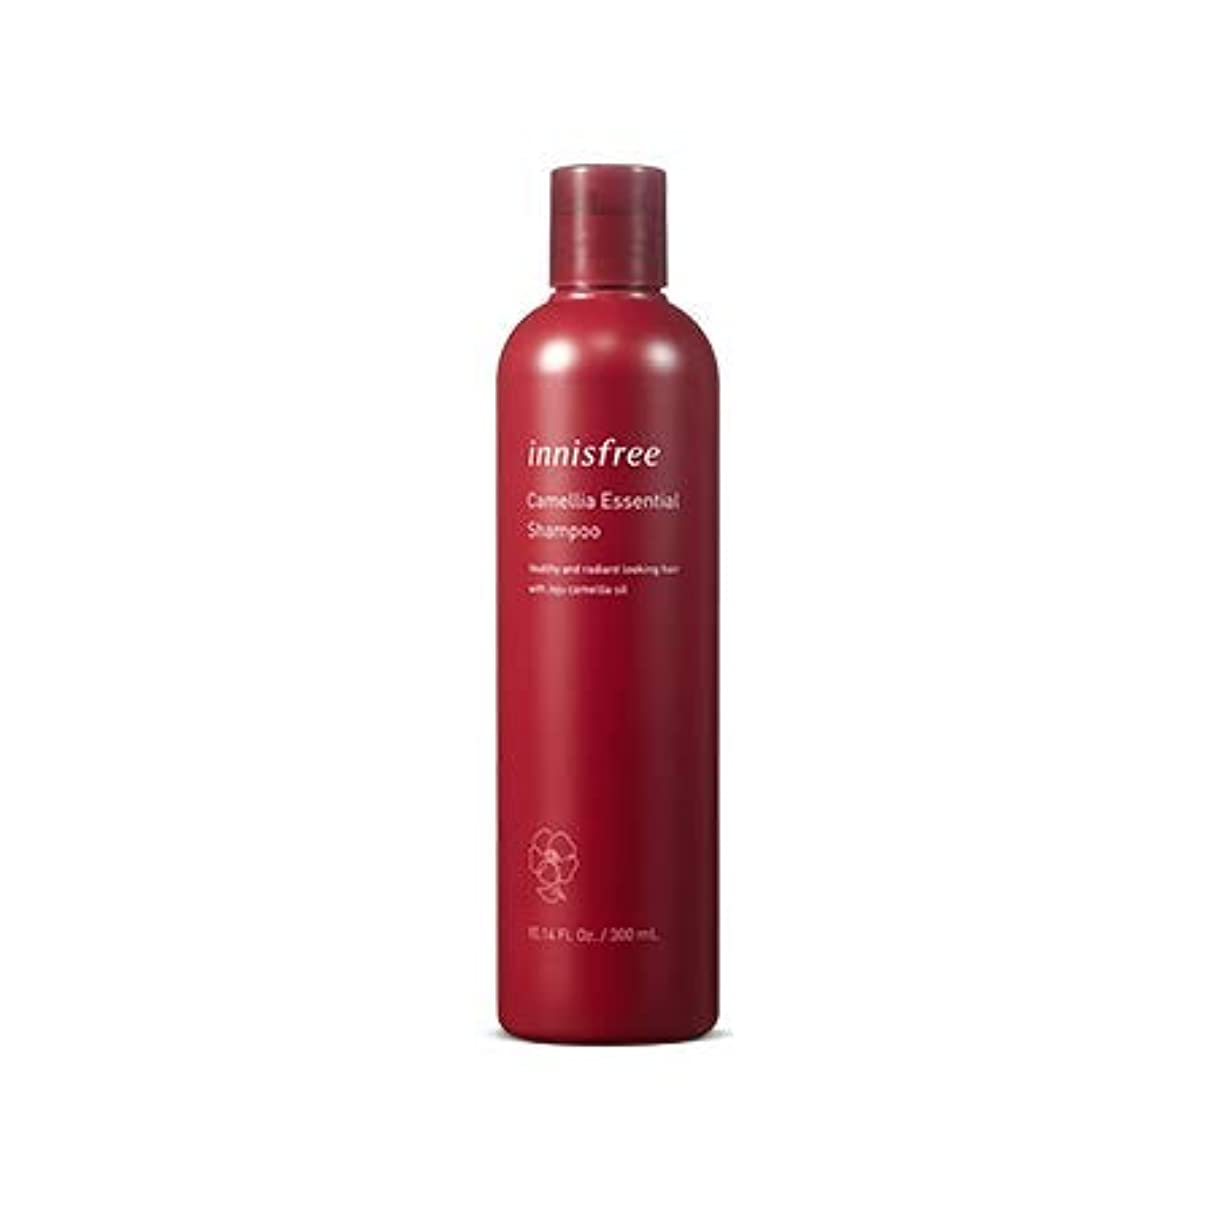 ハンカチ十代の若者たち廊下[イニスフリー.innisfree]カメリアエッセンシャルシャンプー300mL Camllia Essential Shampoo